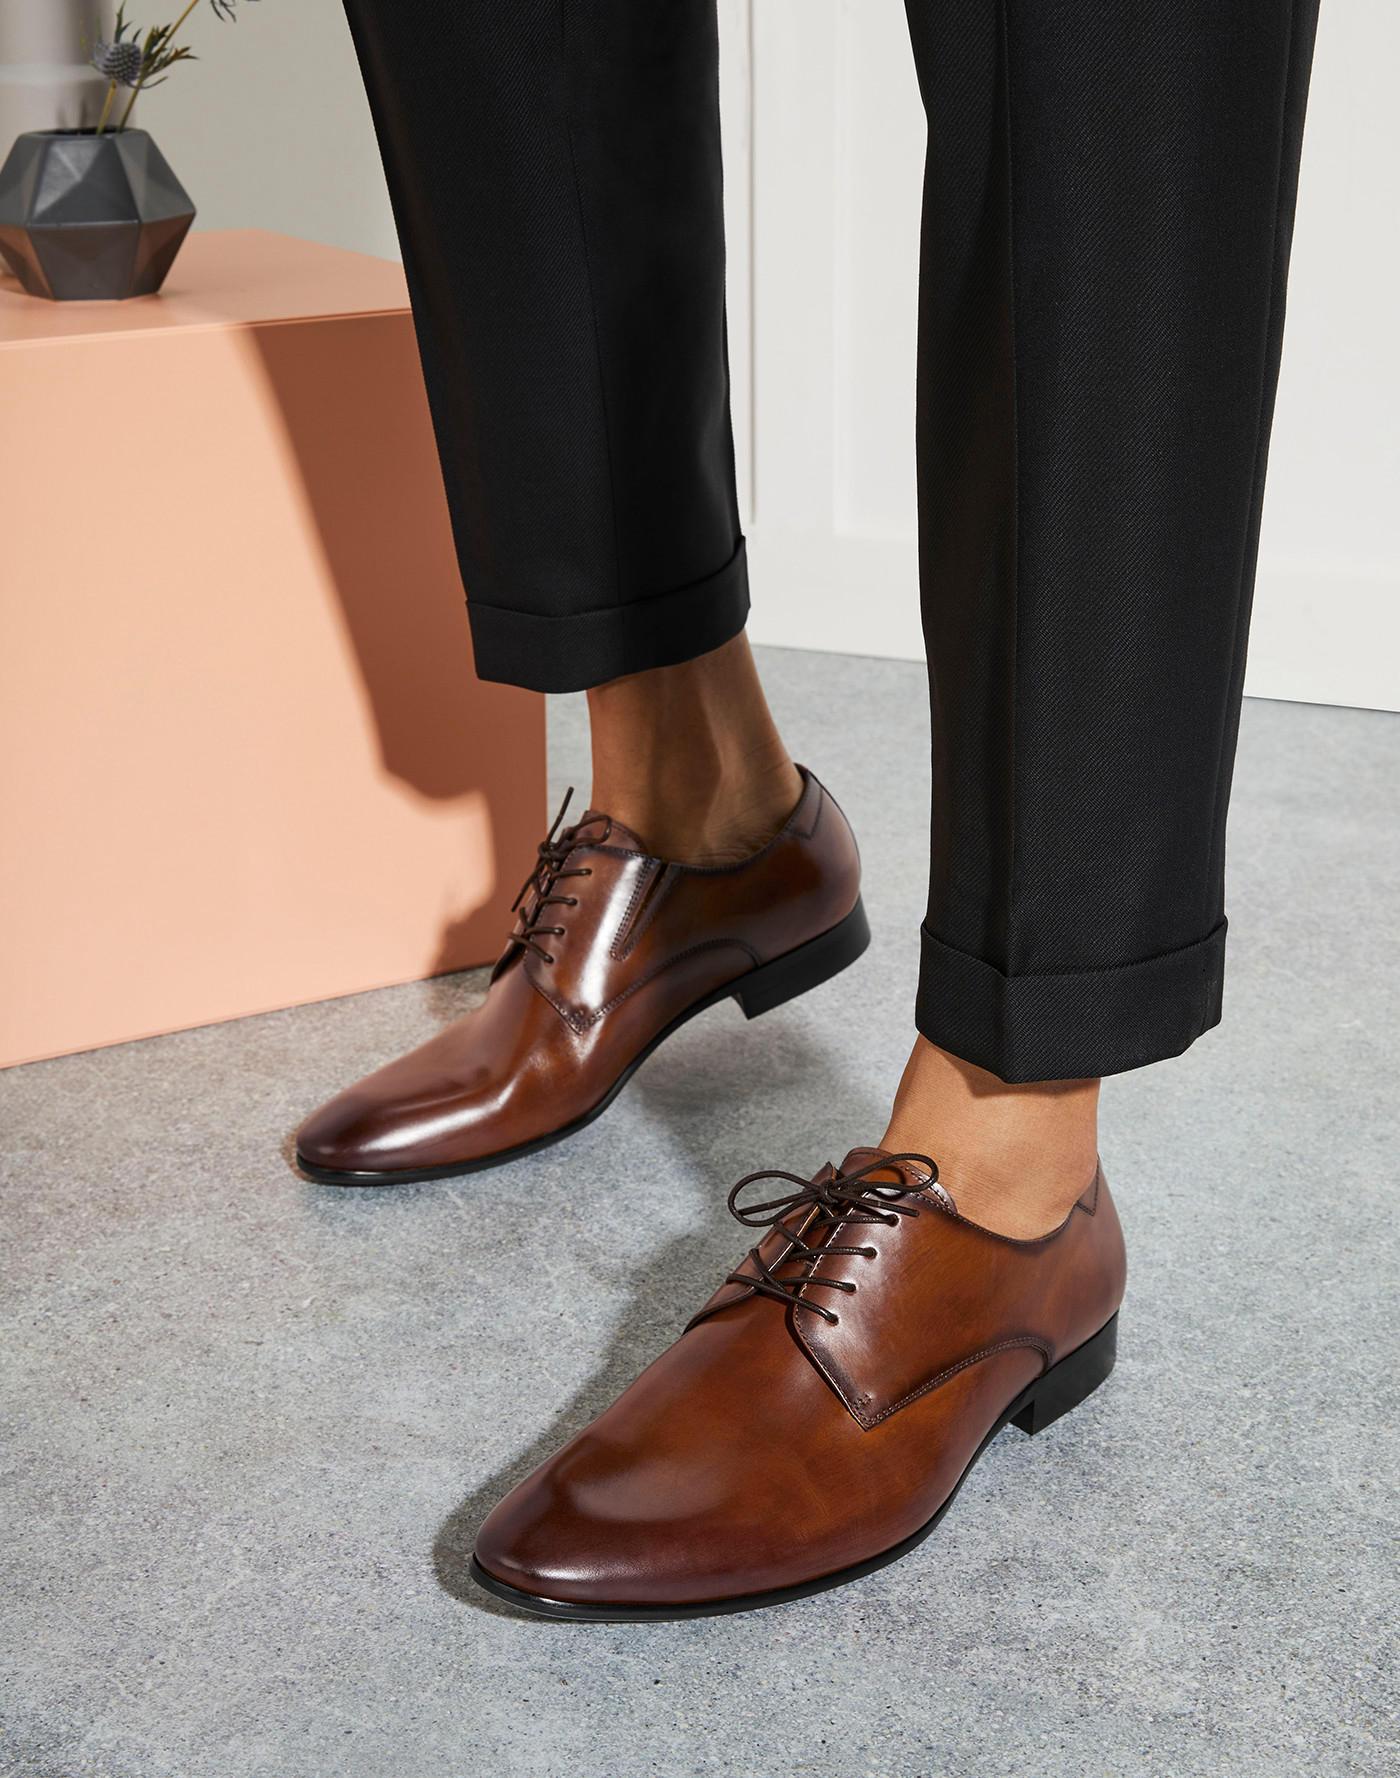 aldo shoes in richmond va zip code